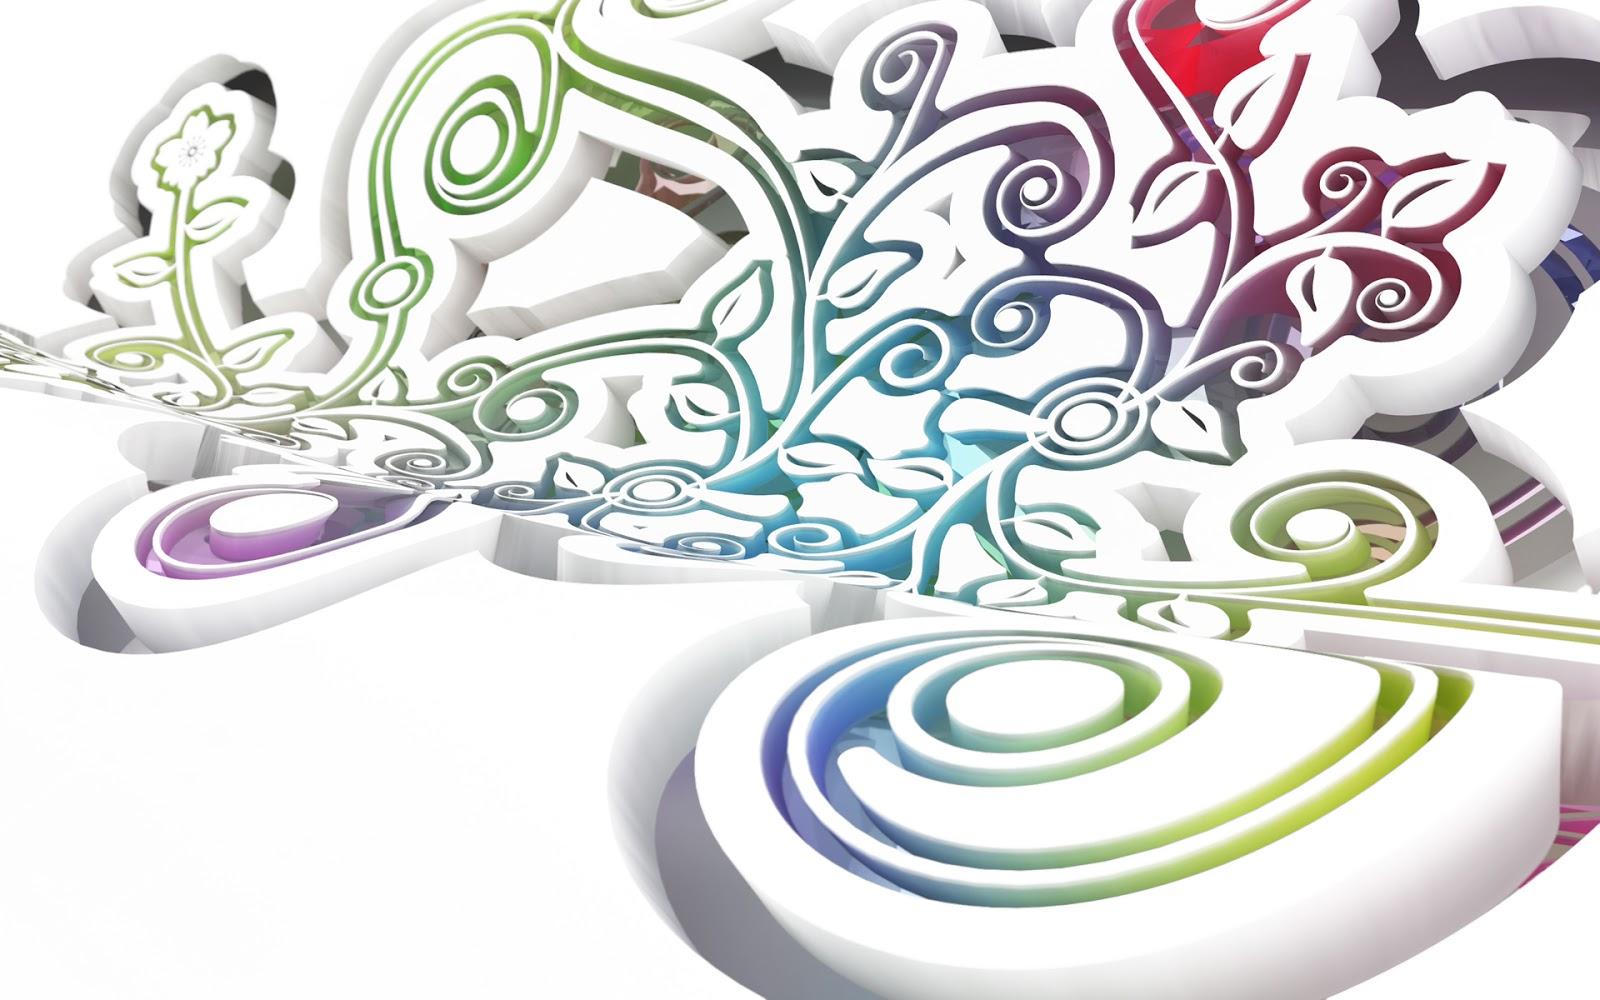 Download Wallpaper Lucu Untuk Komputer Internet Software Dan Hadwareinternet Software Dan Hadware